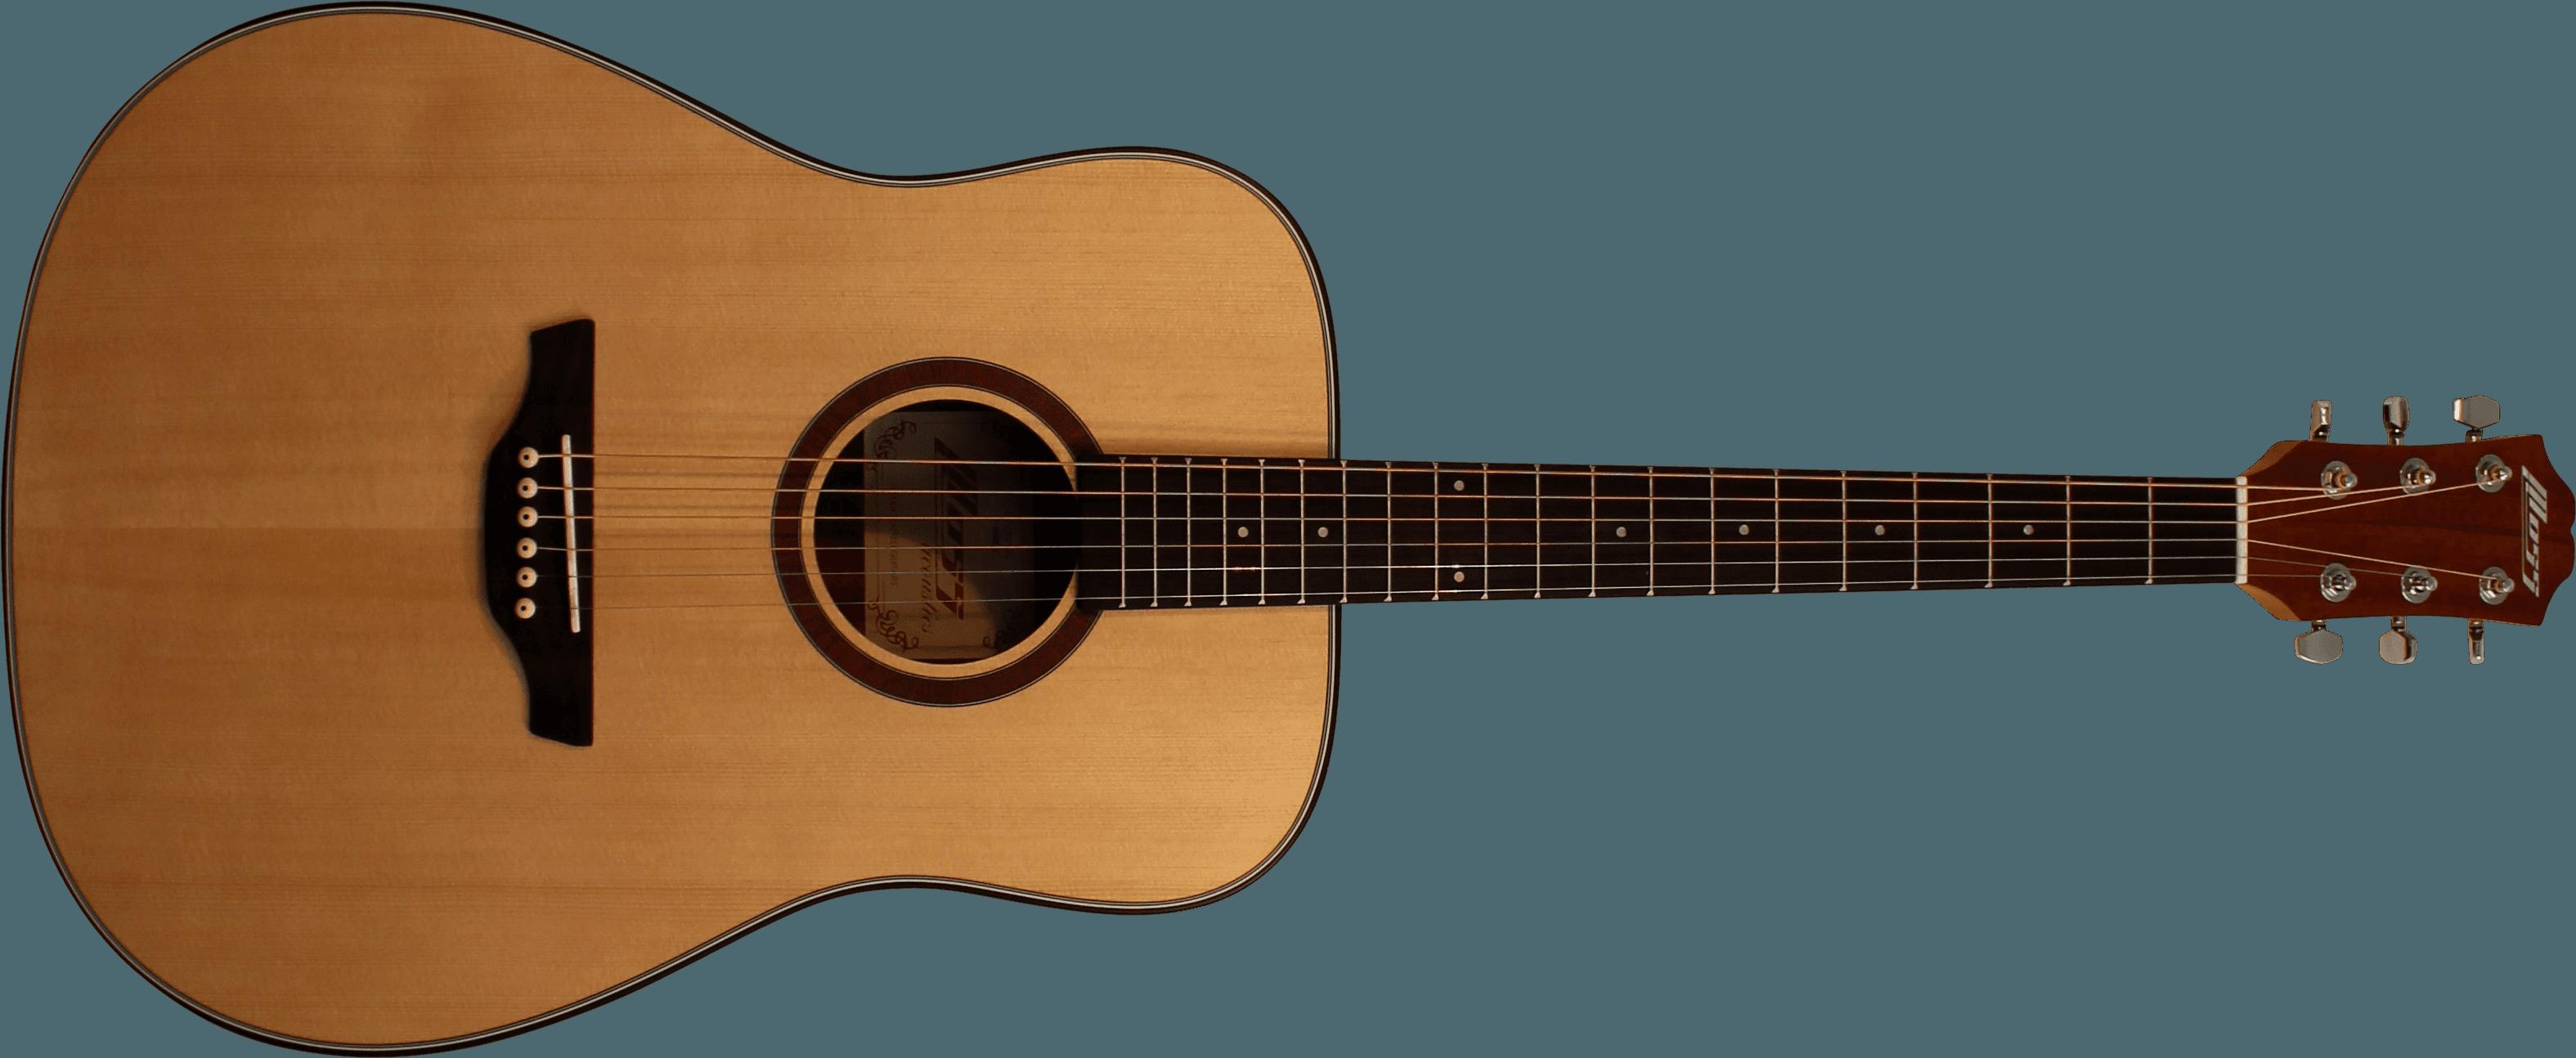 Moss Western Guitar F-888DX